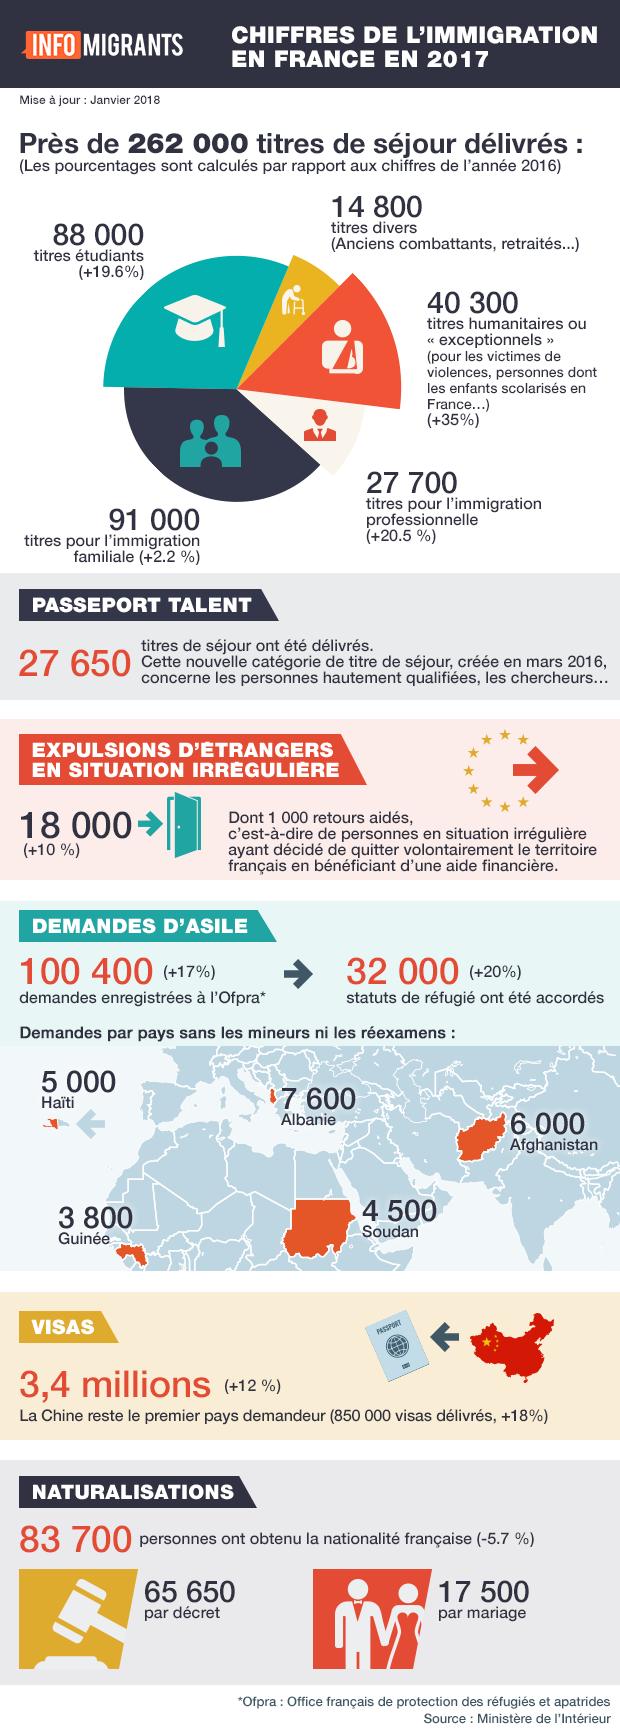 Les chiffres de l'immigration en France en 2017